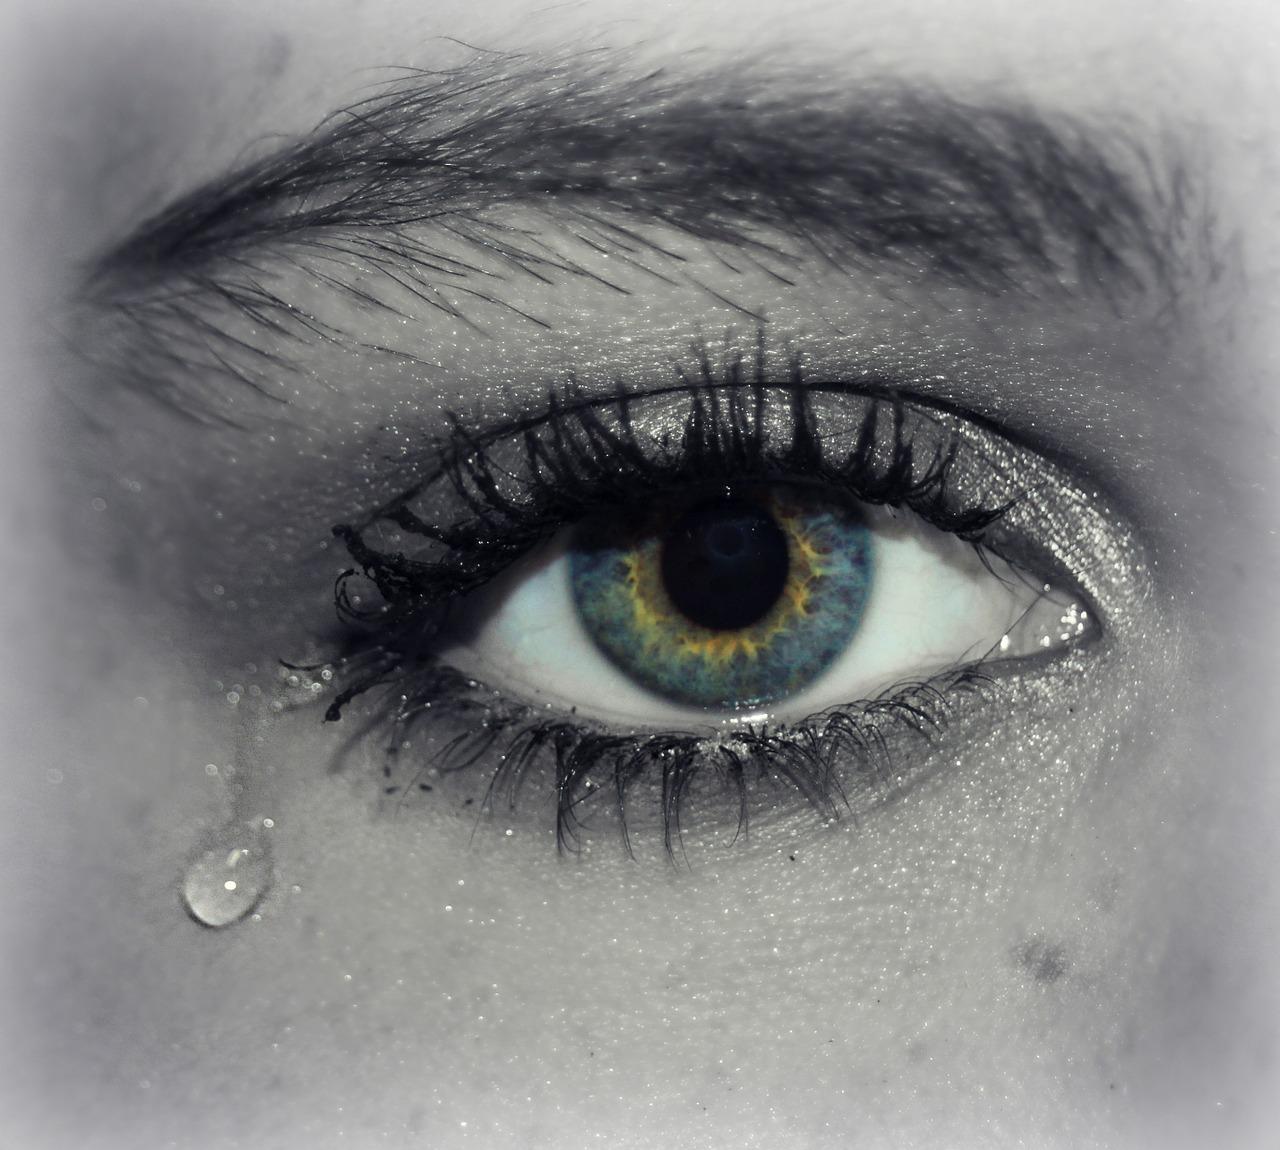 eye-609987_1280 pixabay